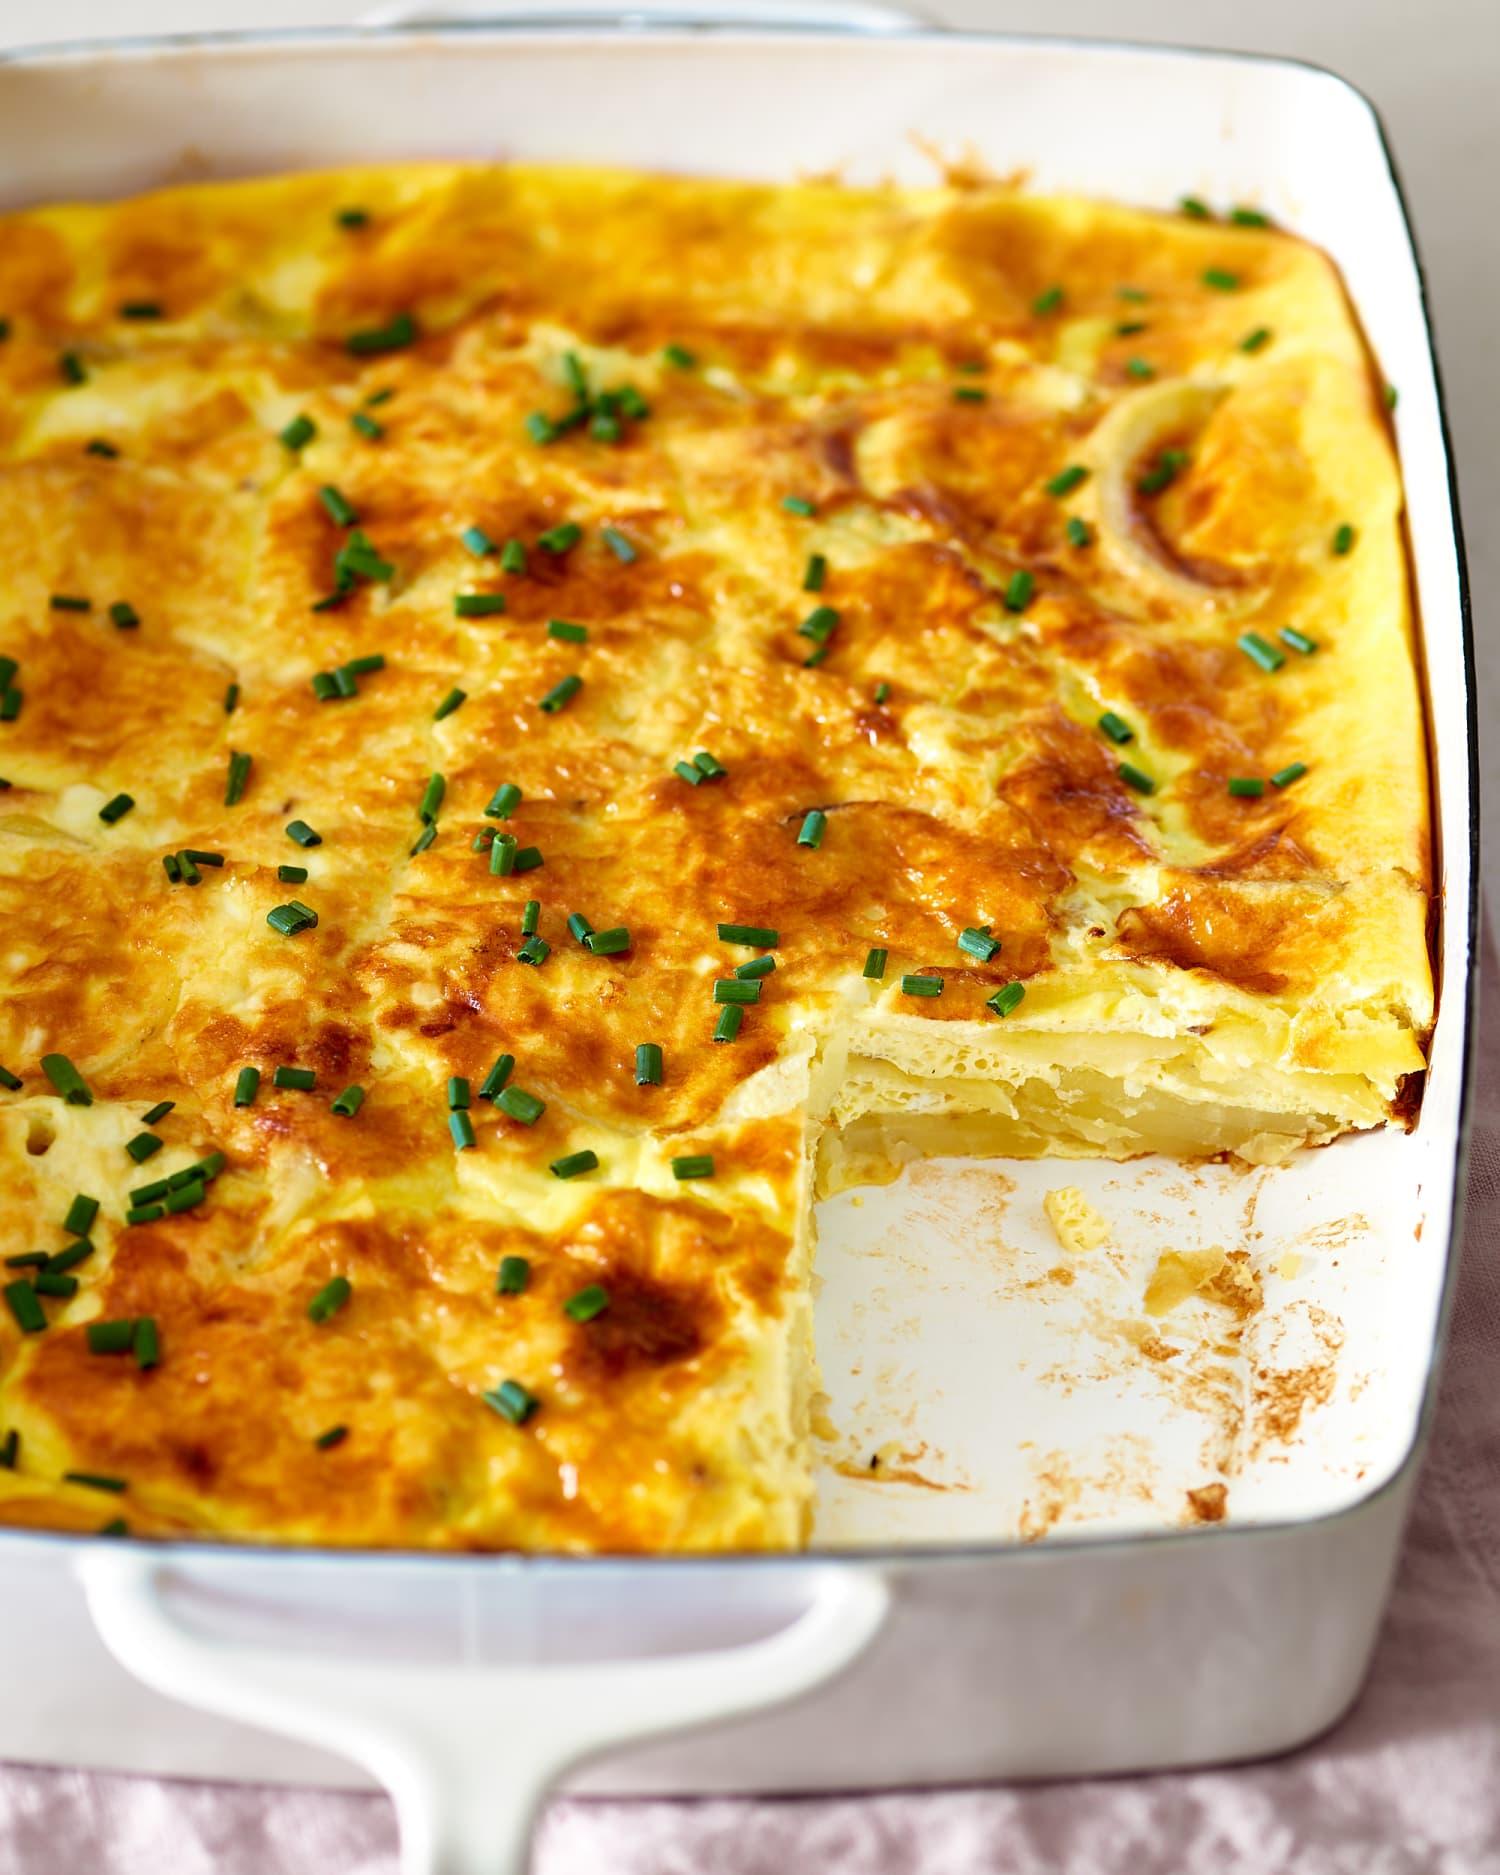 Recipe: Easy Spanish Tortilla Casserole